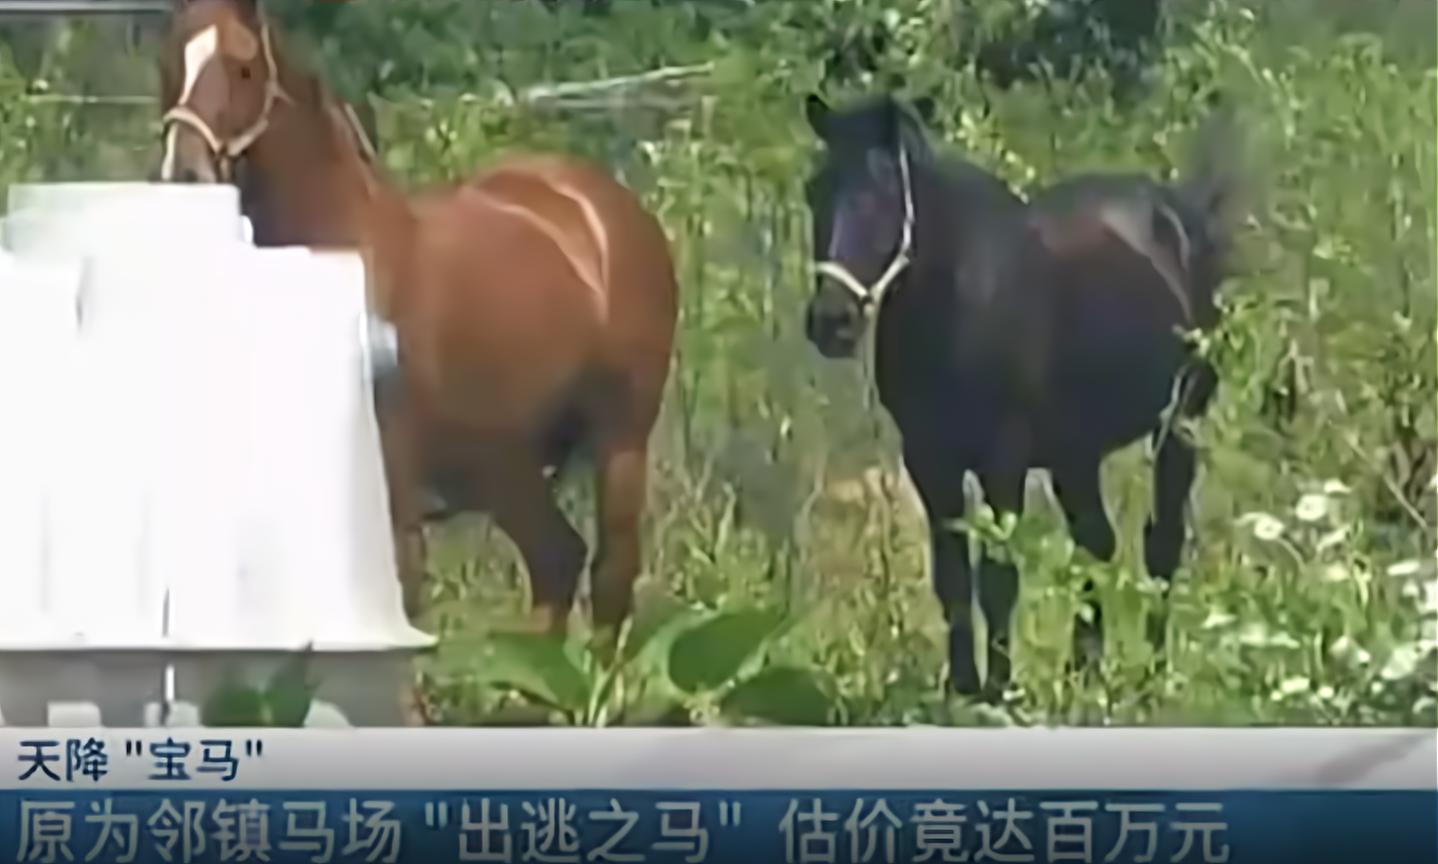 又是动物出逃!2匹总价值达百万马偷吃玉米被抓,是什么马这么贵